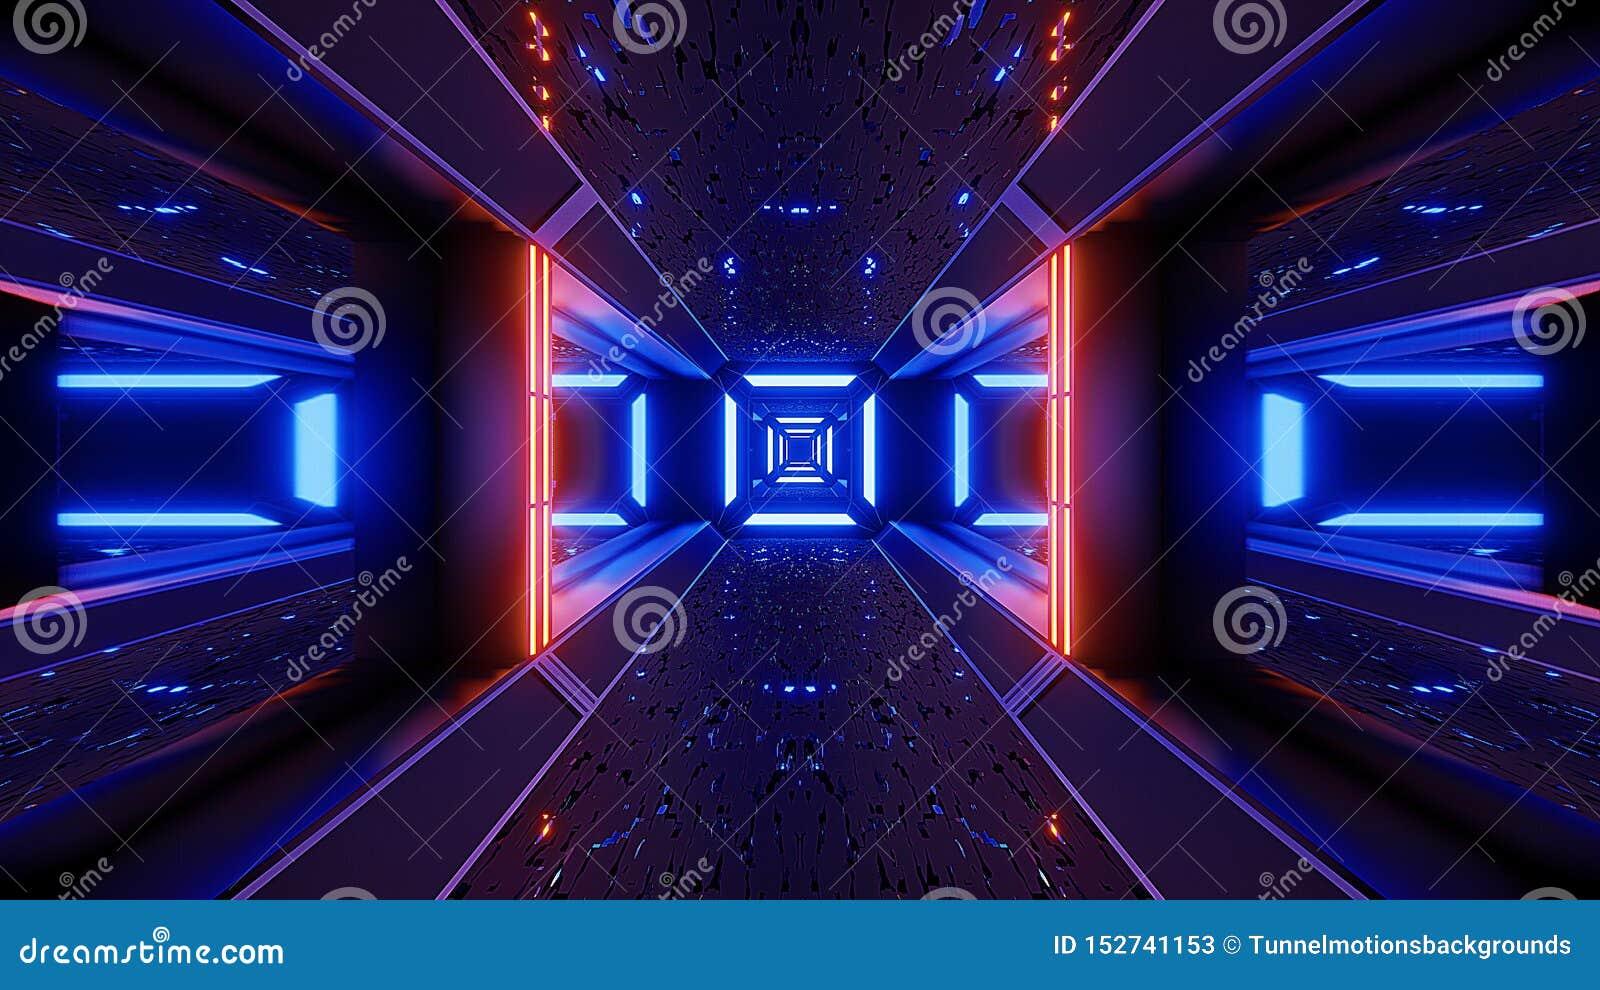 Futuristice Scifi Alien Tunnel Wallpaper 3d Rendering Stock